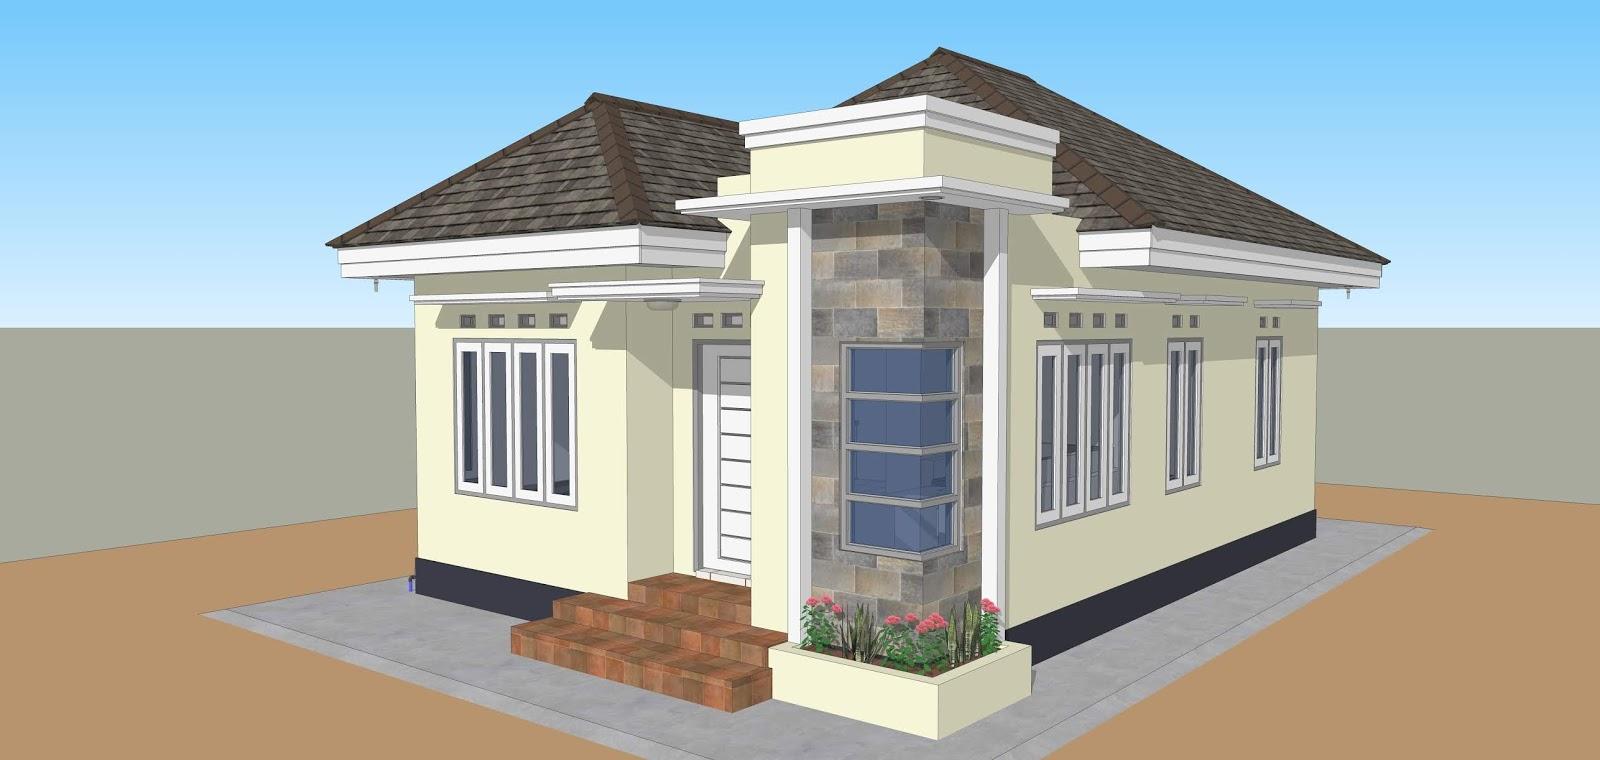 Desain Rumah 6x9 Meter 3 Kamar Tidur Atap Limas